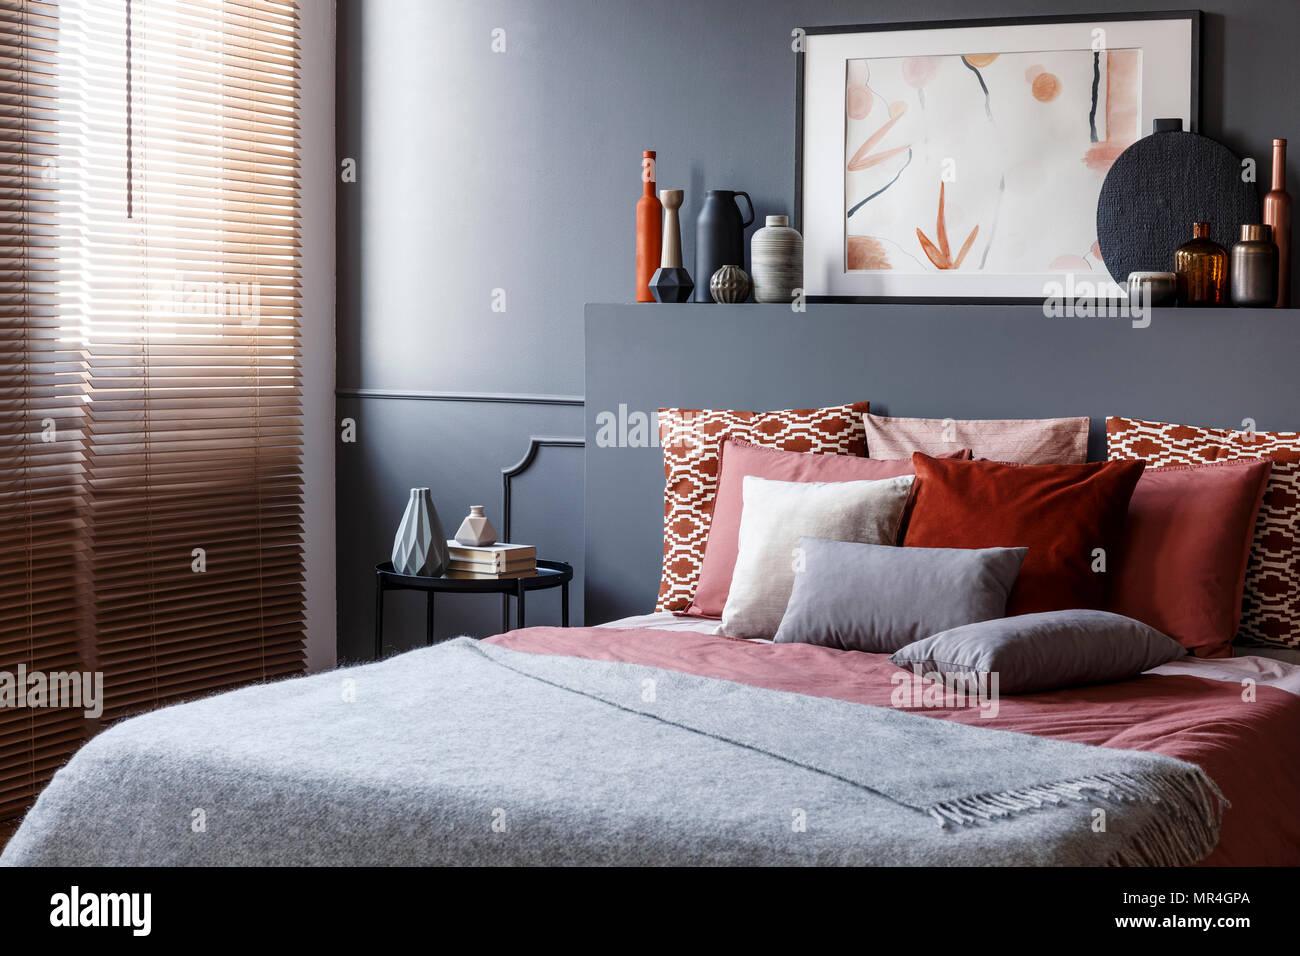 Pittura Stanza Da Letto cuscini sul letto matrimoniale accanto al comodino